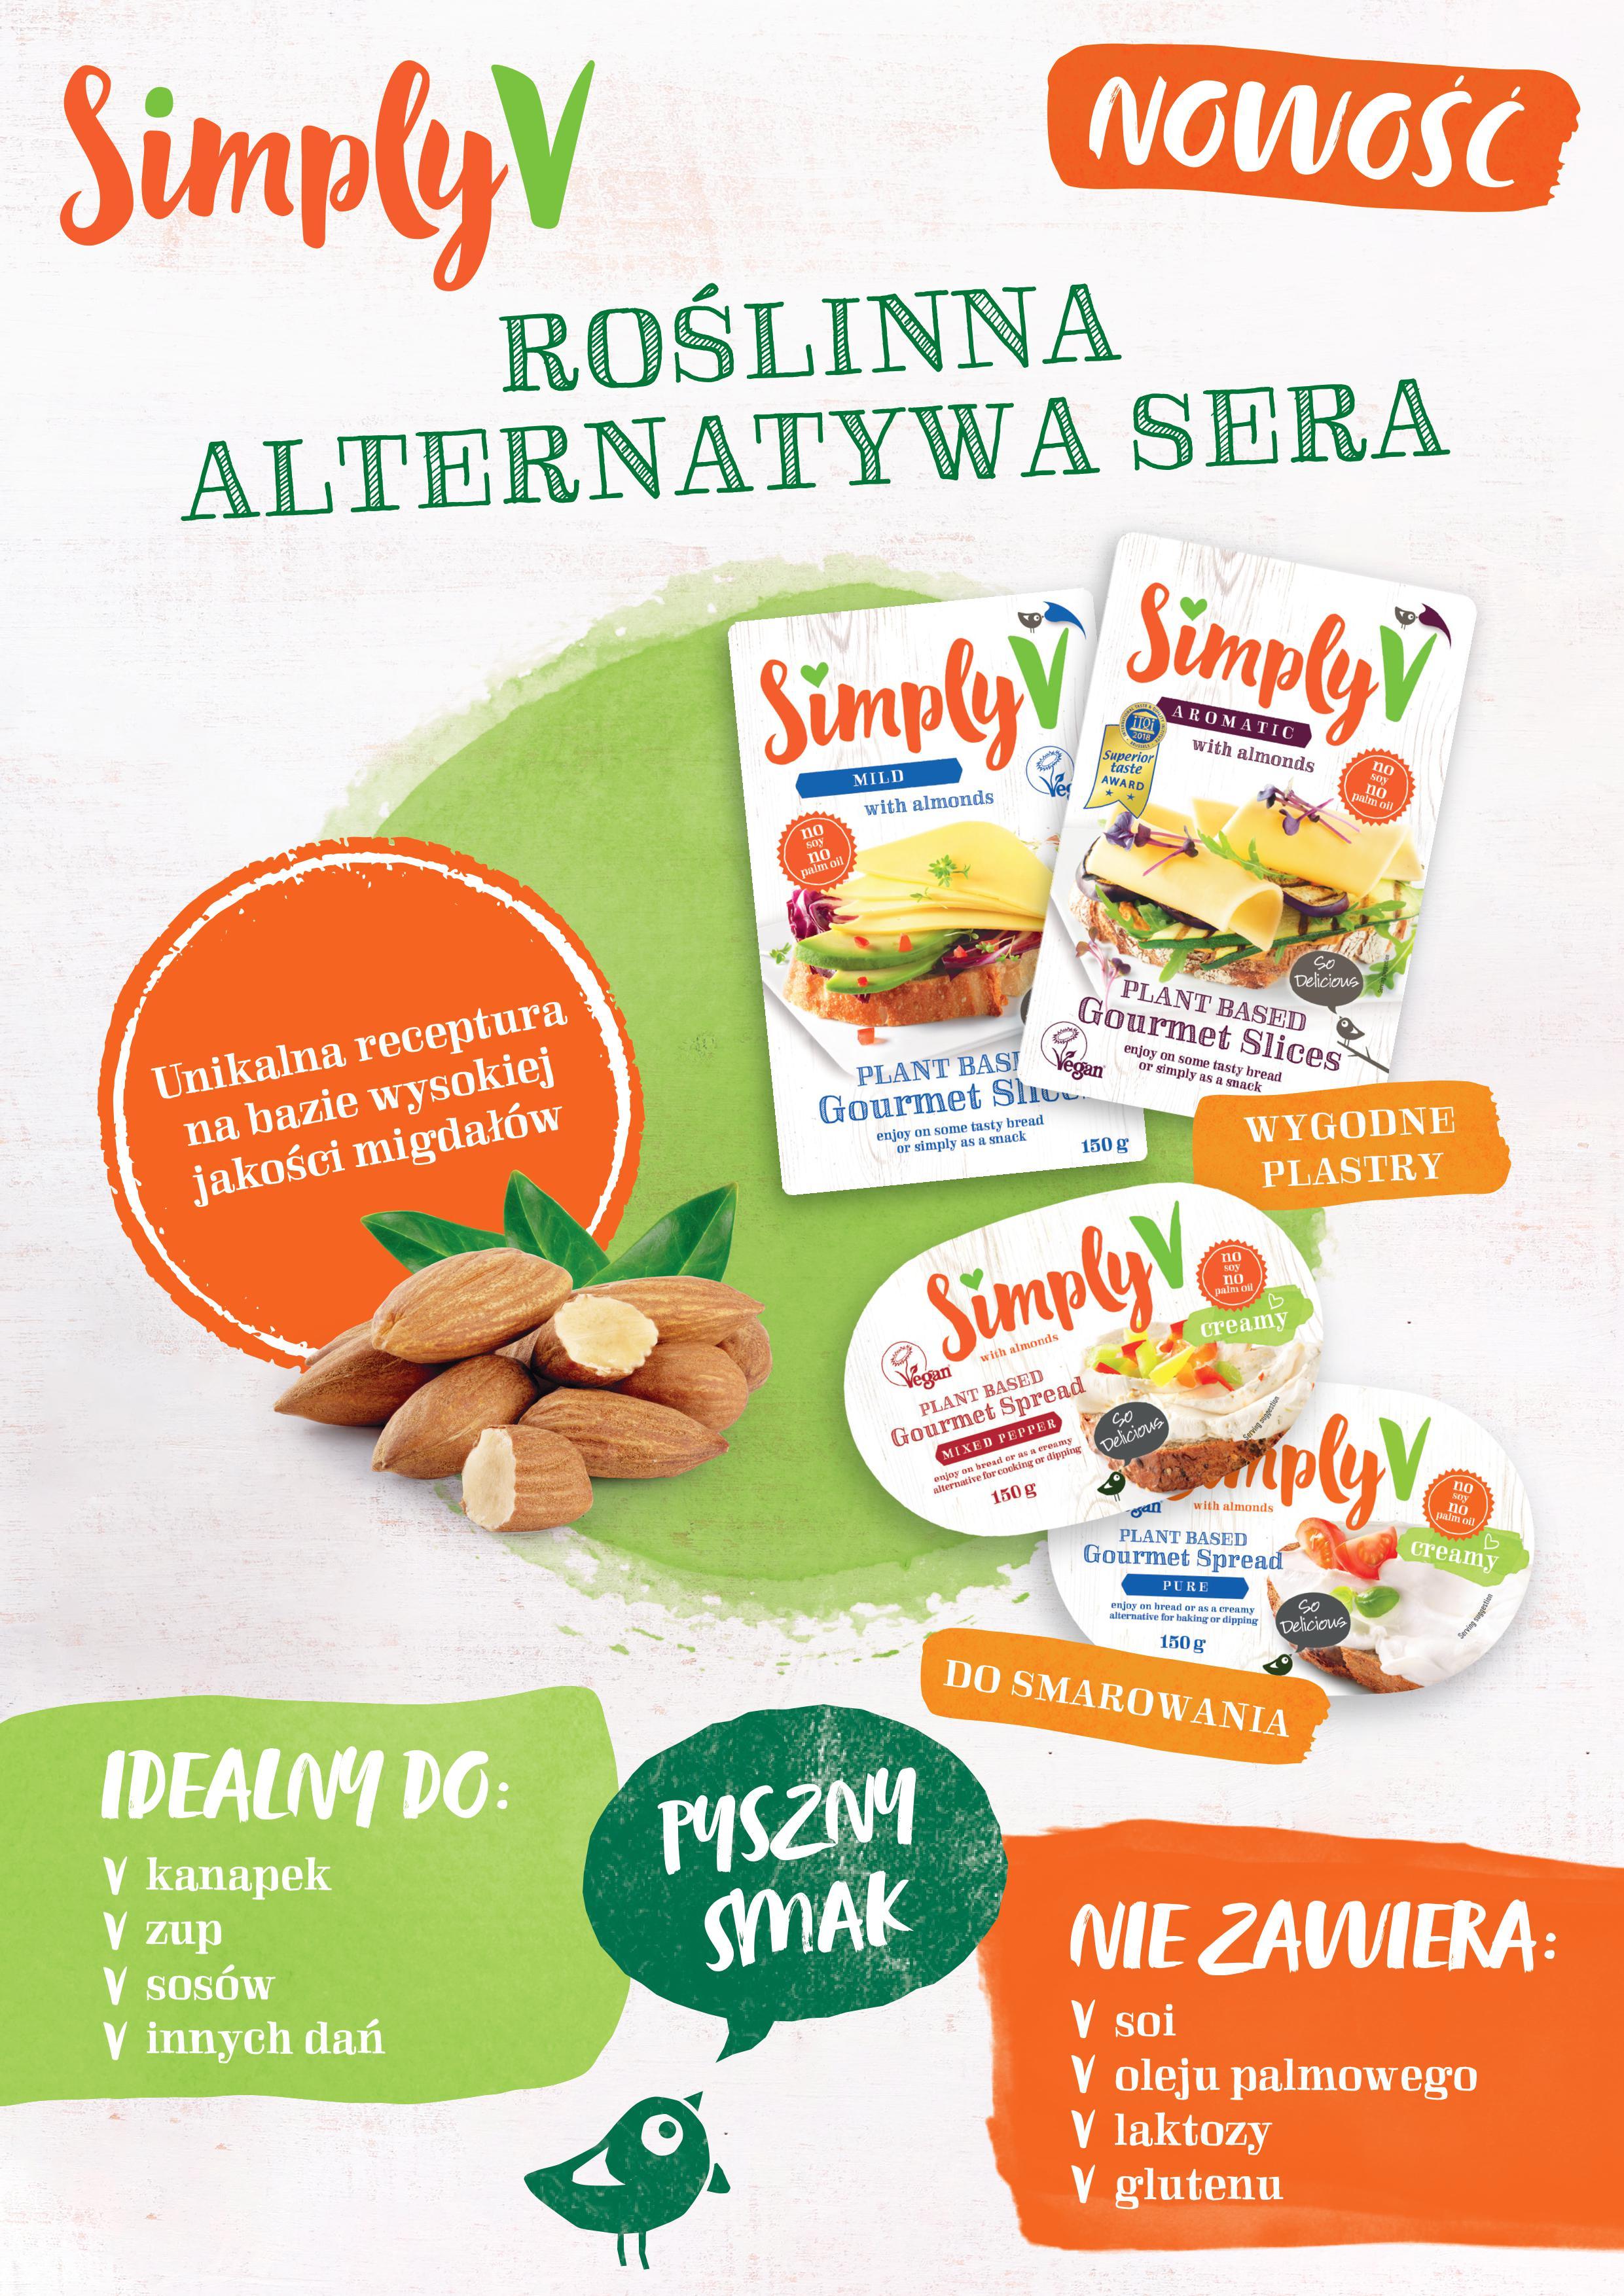 Hochland Polska wprowadza na rynek wegańską markę – SimplyV